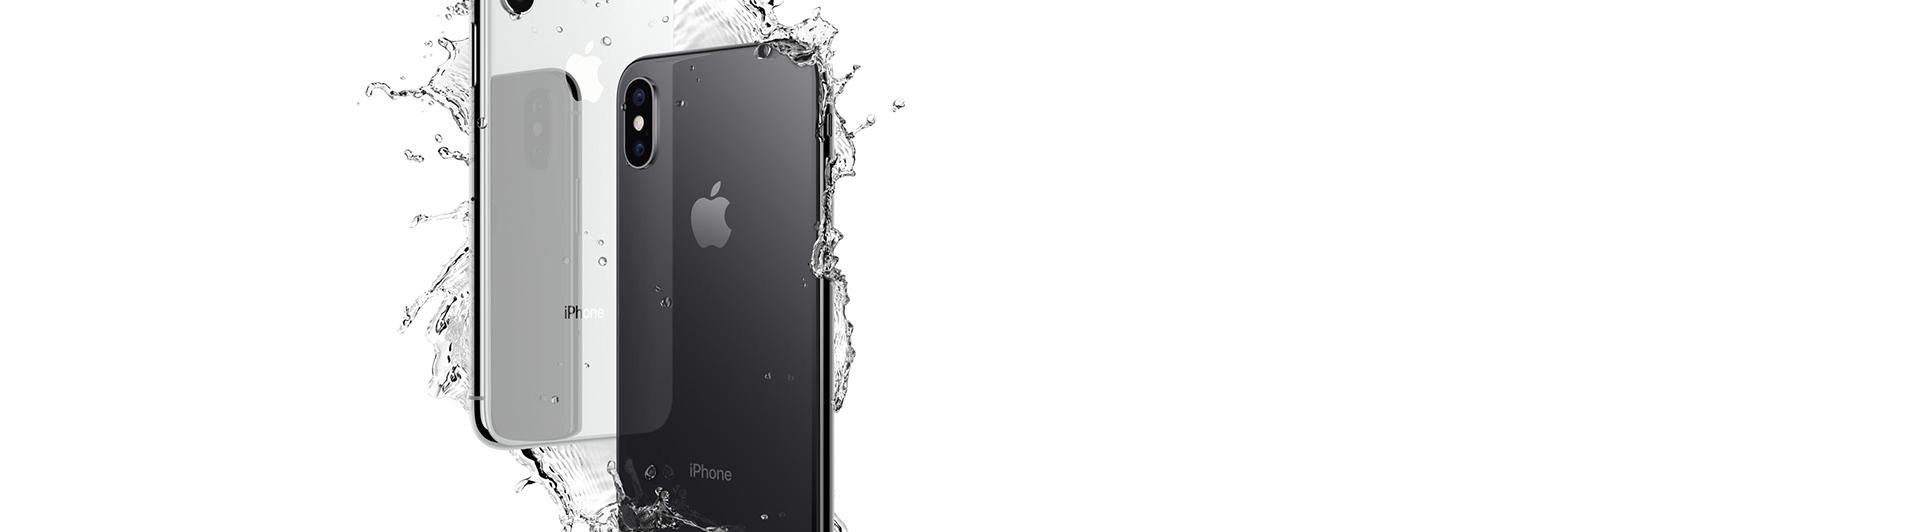 Điện thoại di động iPhone X 256GB Gray công nghệ sạc nhanh không dây hiện đại